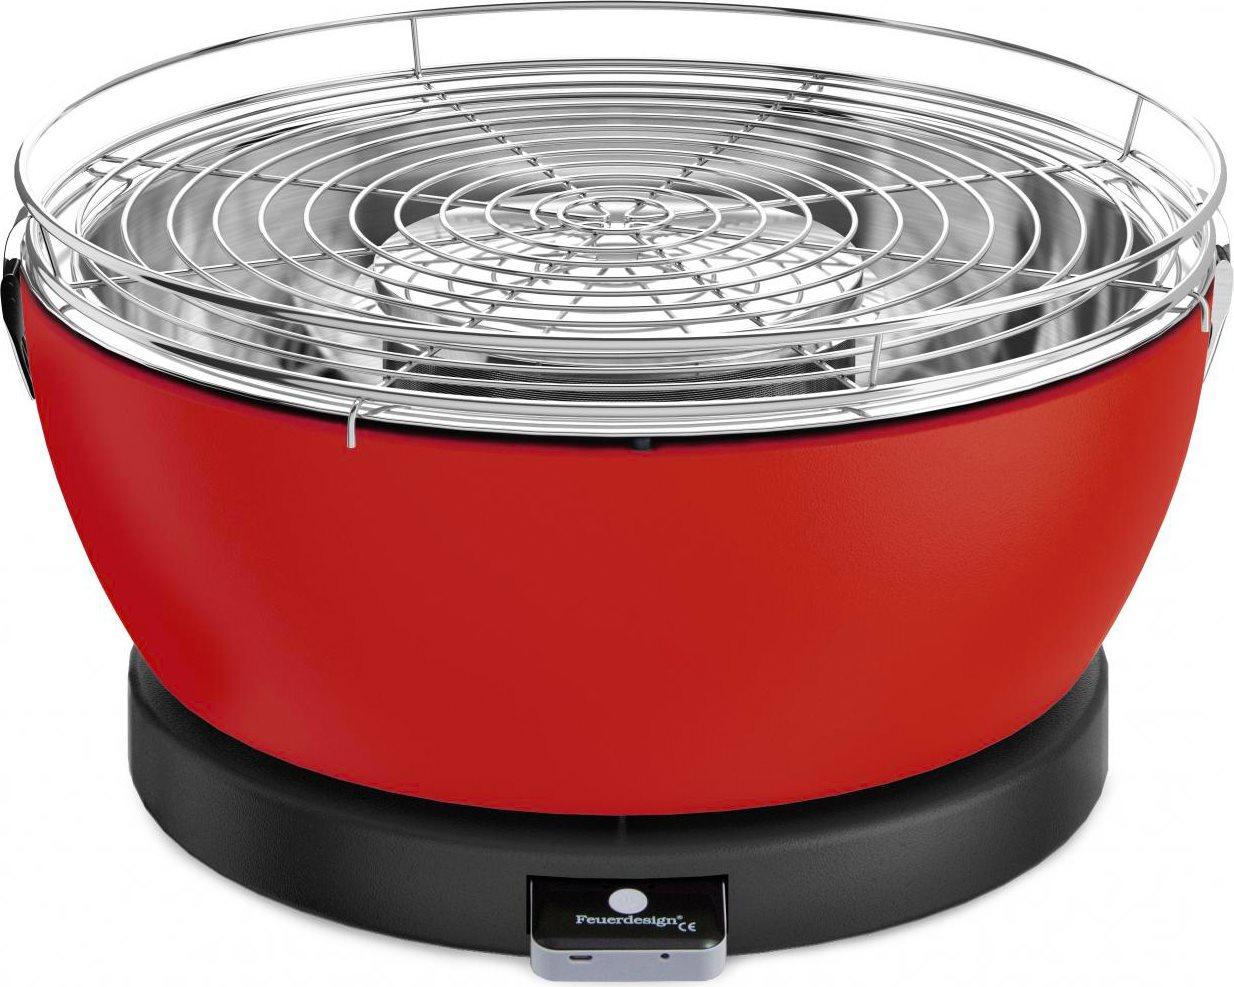 Feuerdesign barbecue portatile da tavolo a carbonella bbq da giardino 33 cm colore rosso - Barbecue portatile a carbonella ...